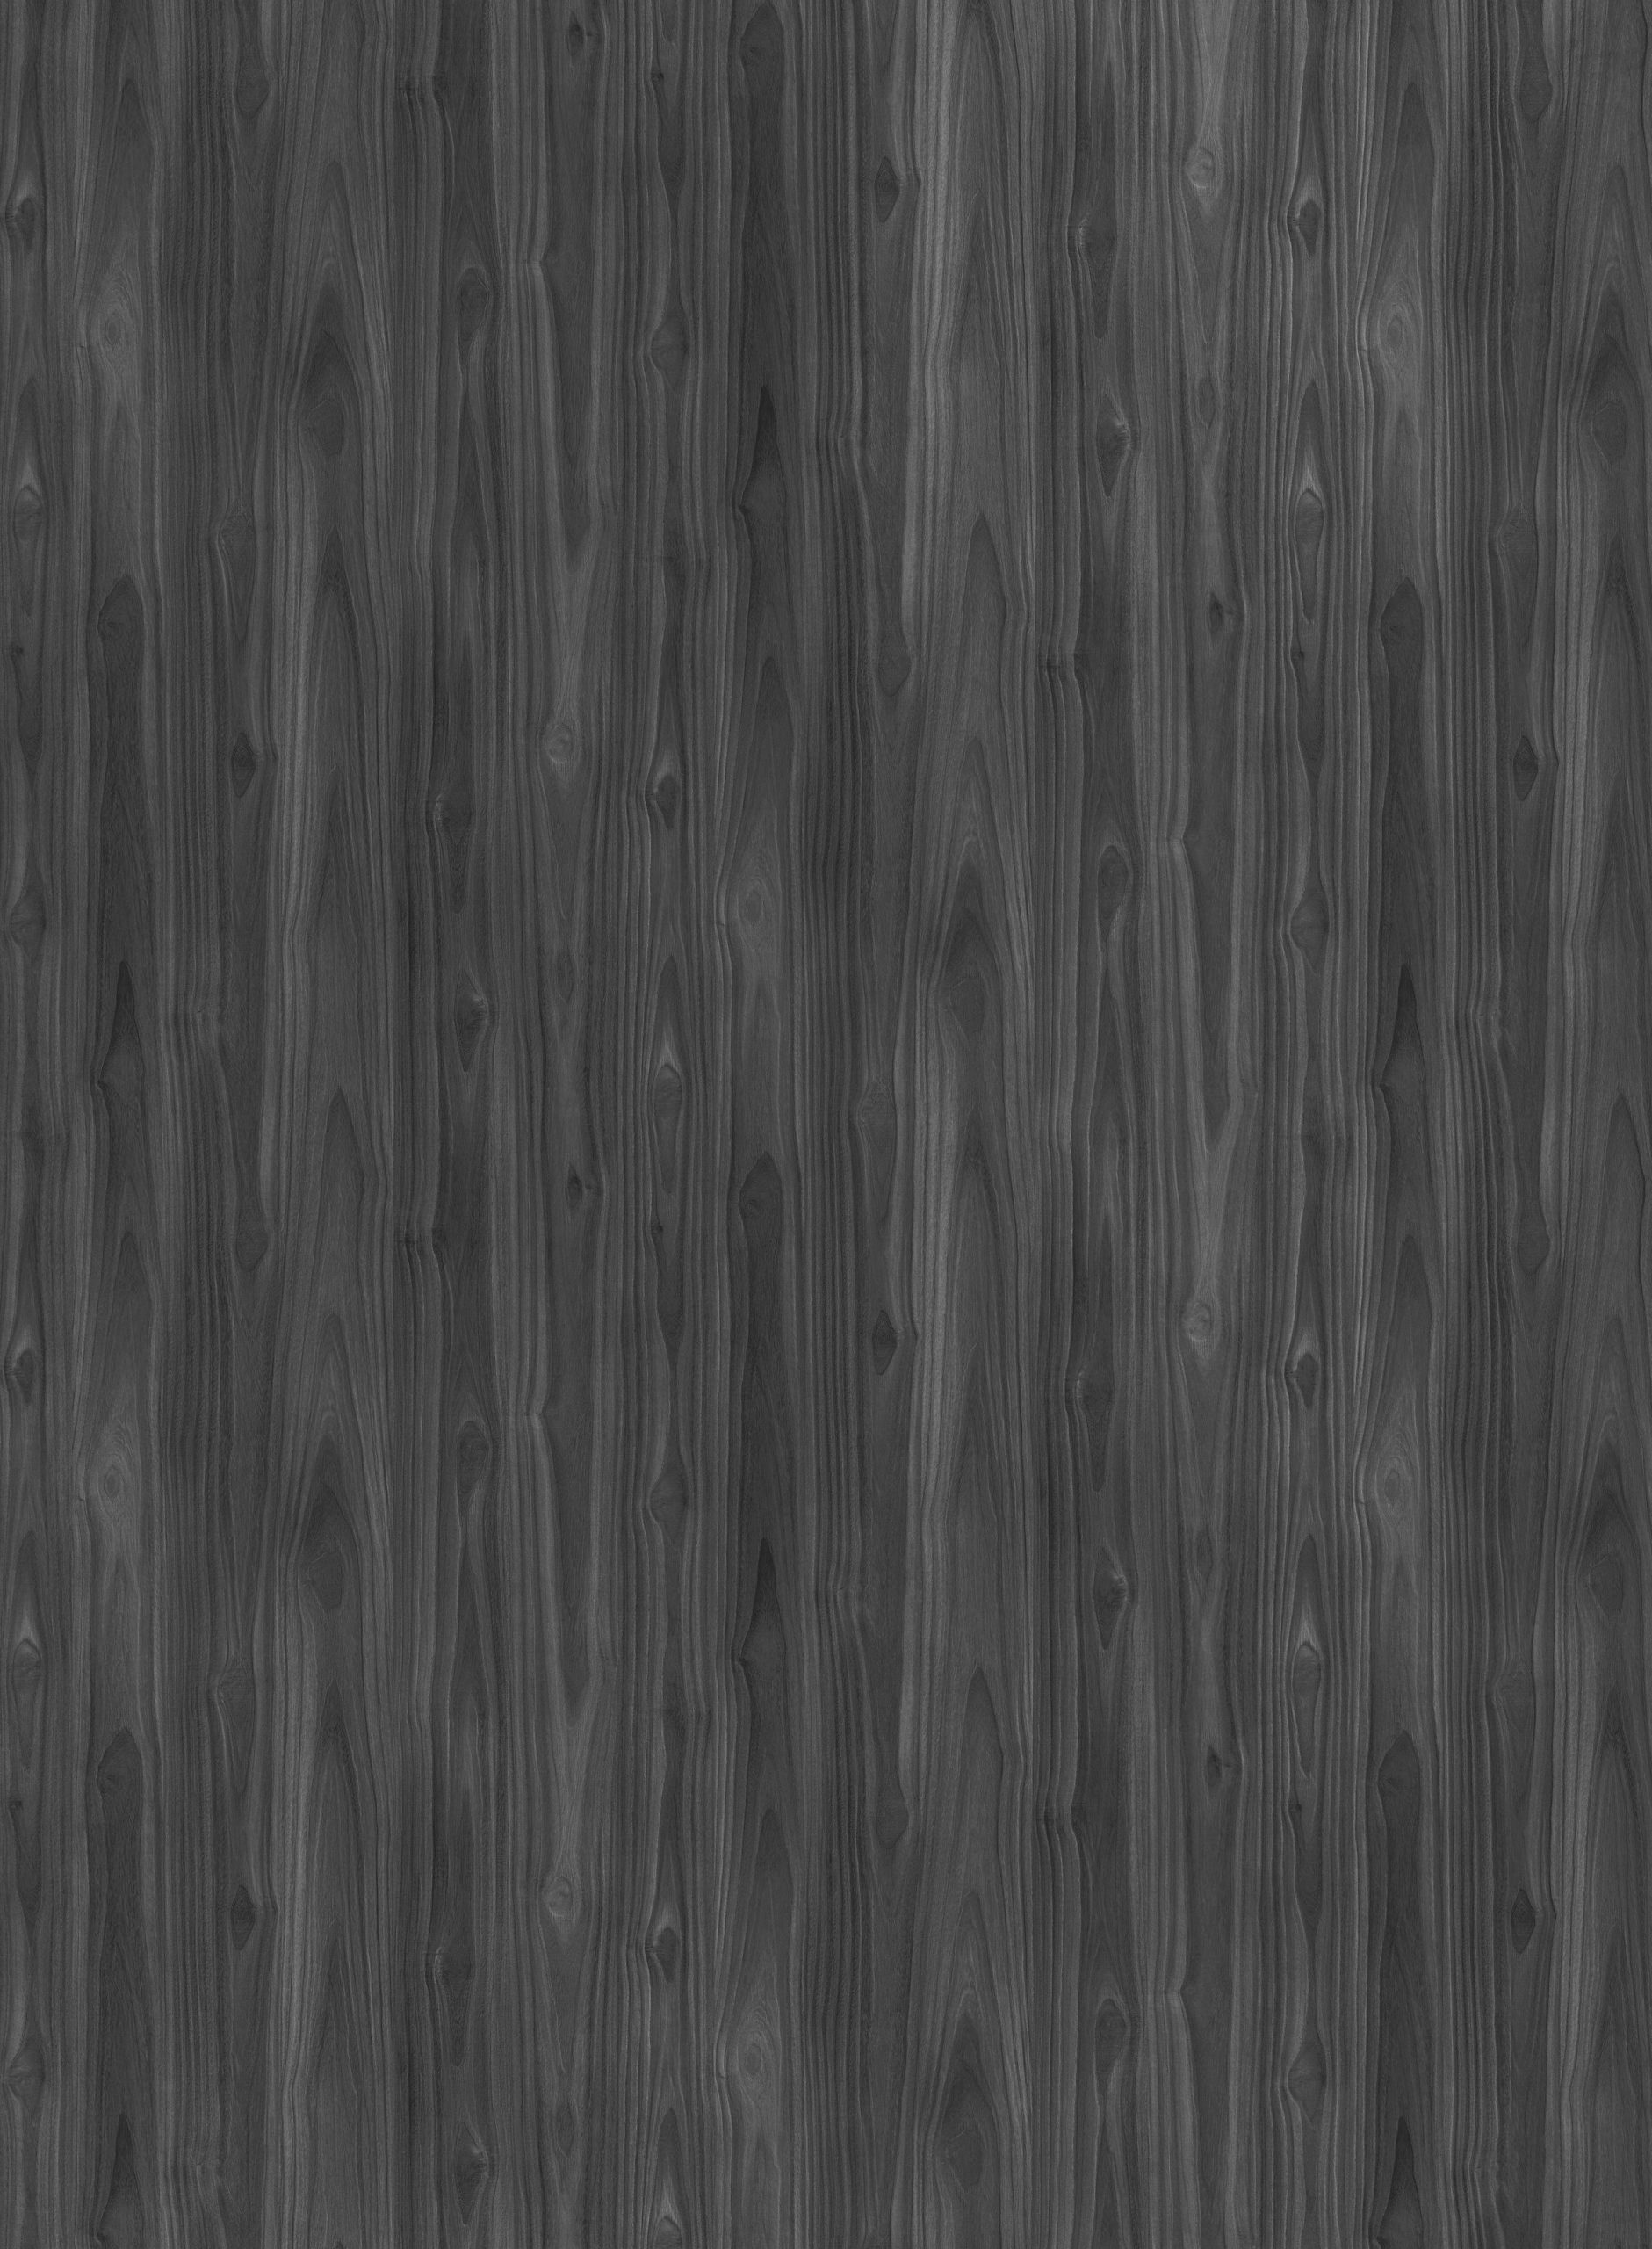 DecoLegno S161 Geta hele plaatafb. 2800x2070 mm / tekenprogramma